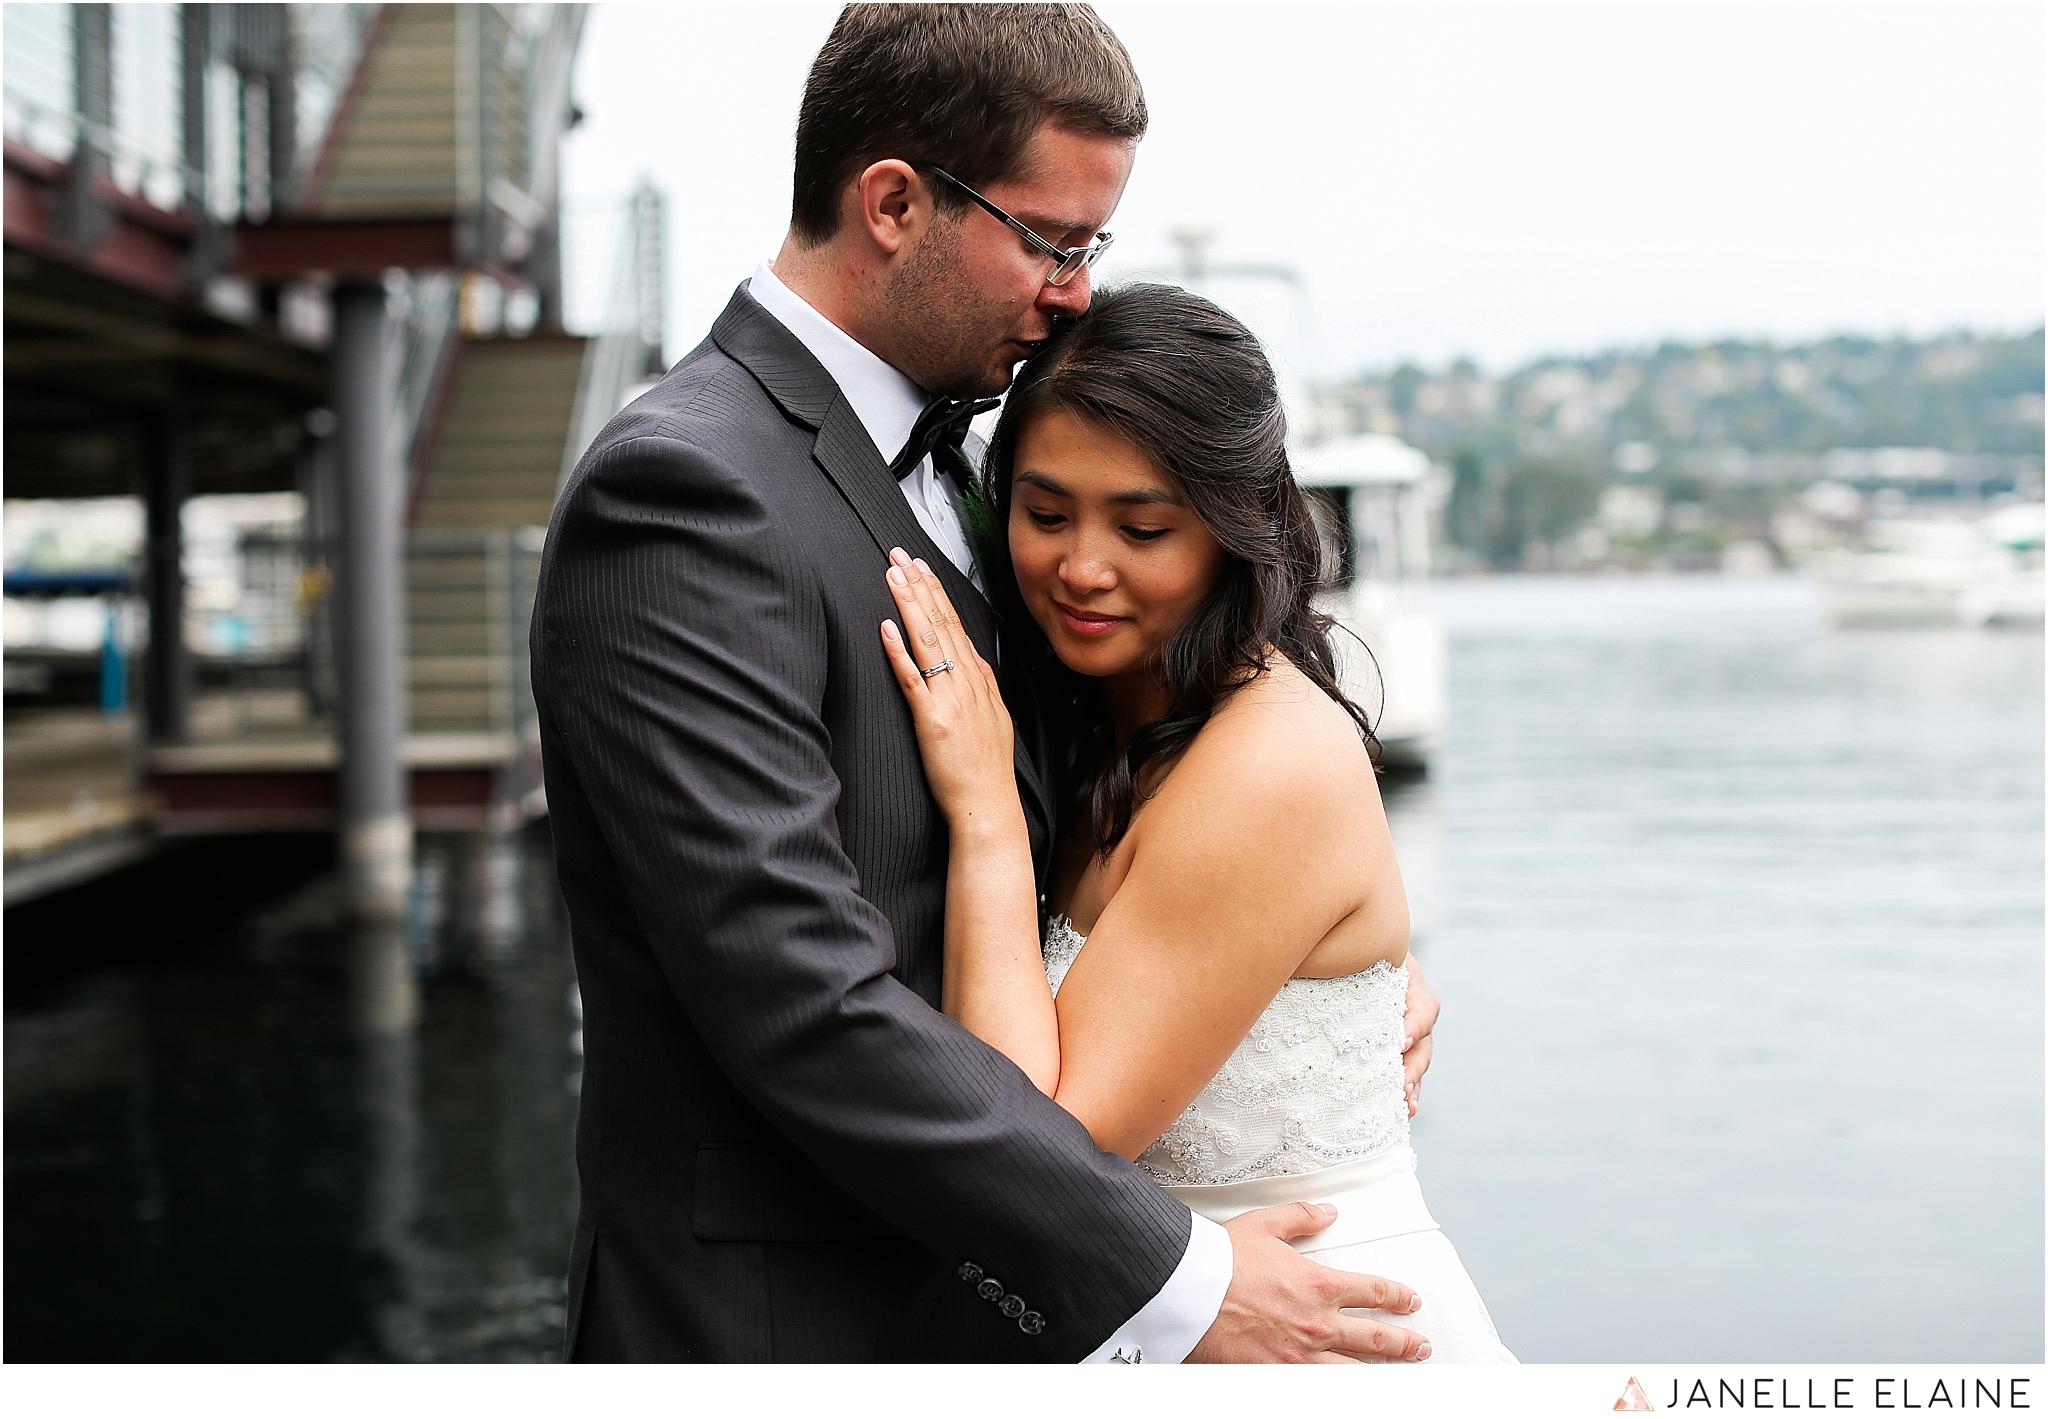 janelle elaine photography-professional wedding photographer seattle--84.jpg